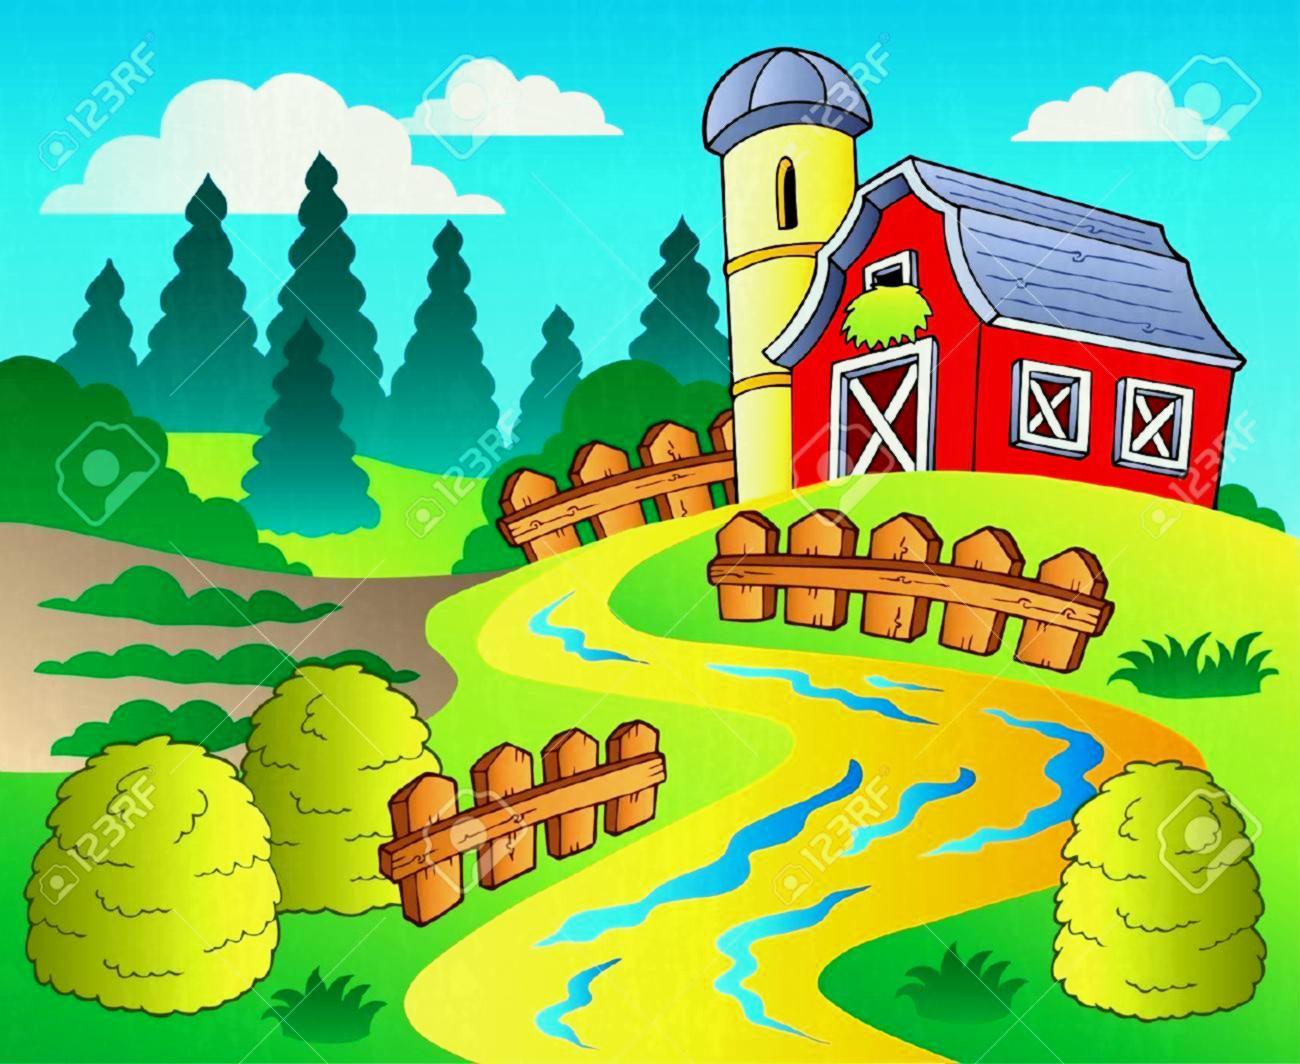 Clipart farmland image royalty free Farmland Clipart (78+ images in Collection) Page 2 image royalty free